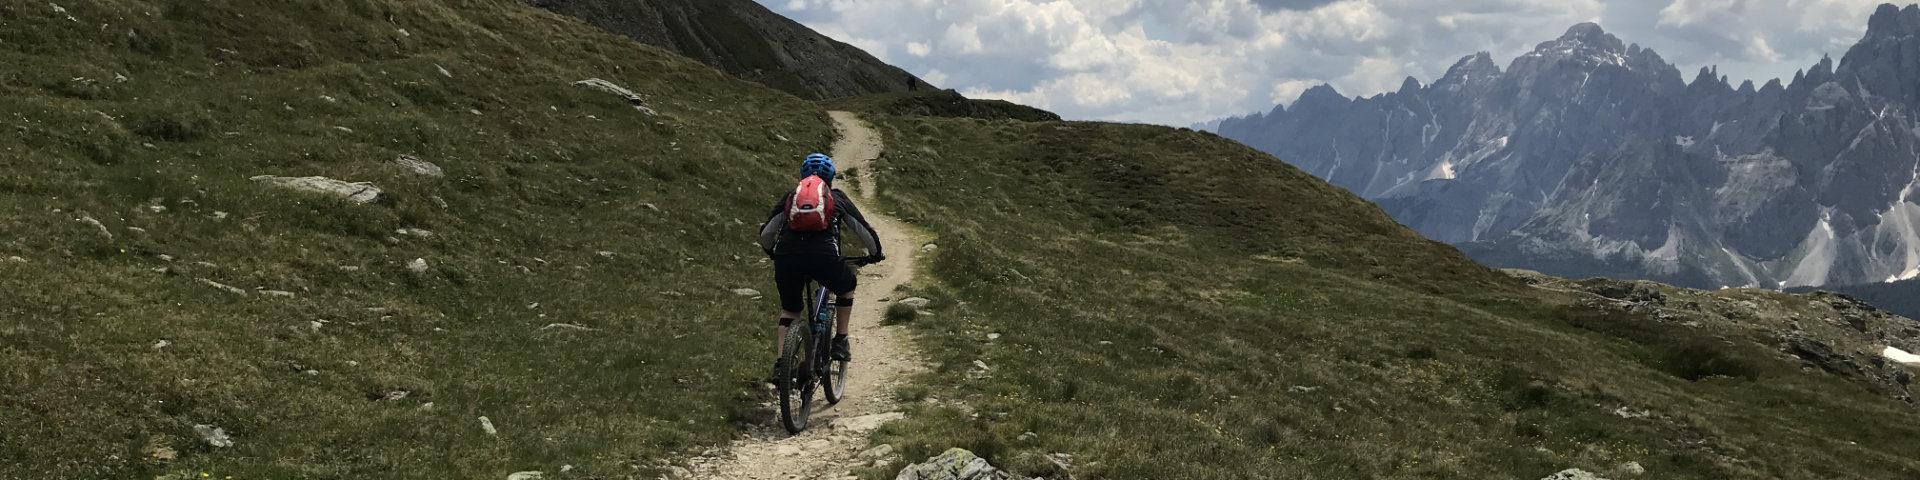 GravityBienchen on Trail